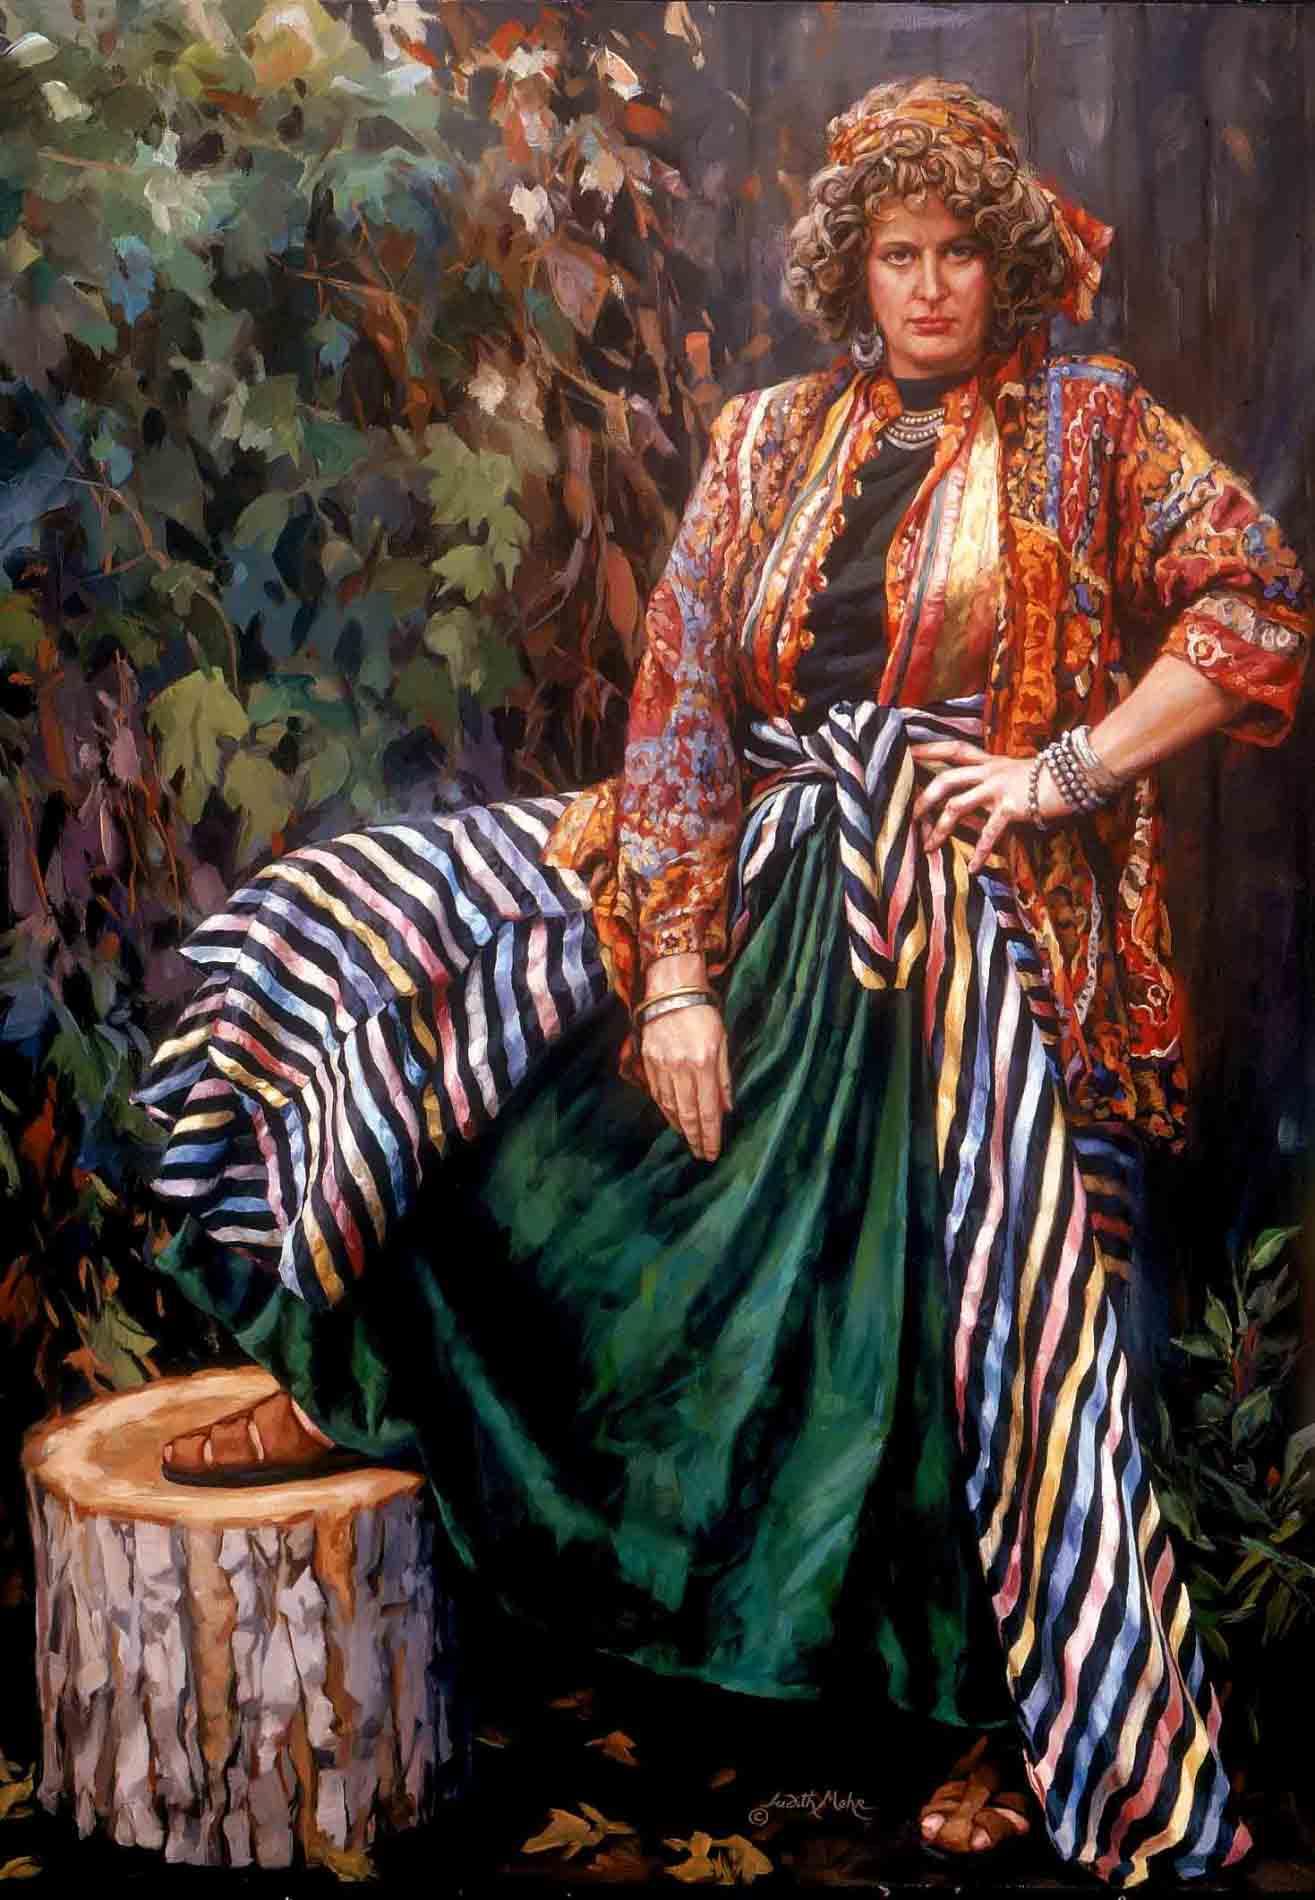 Posing Gypsy